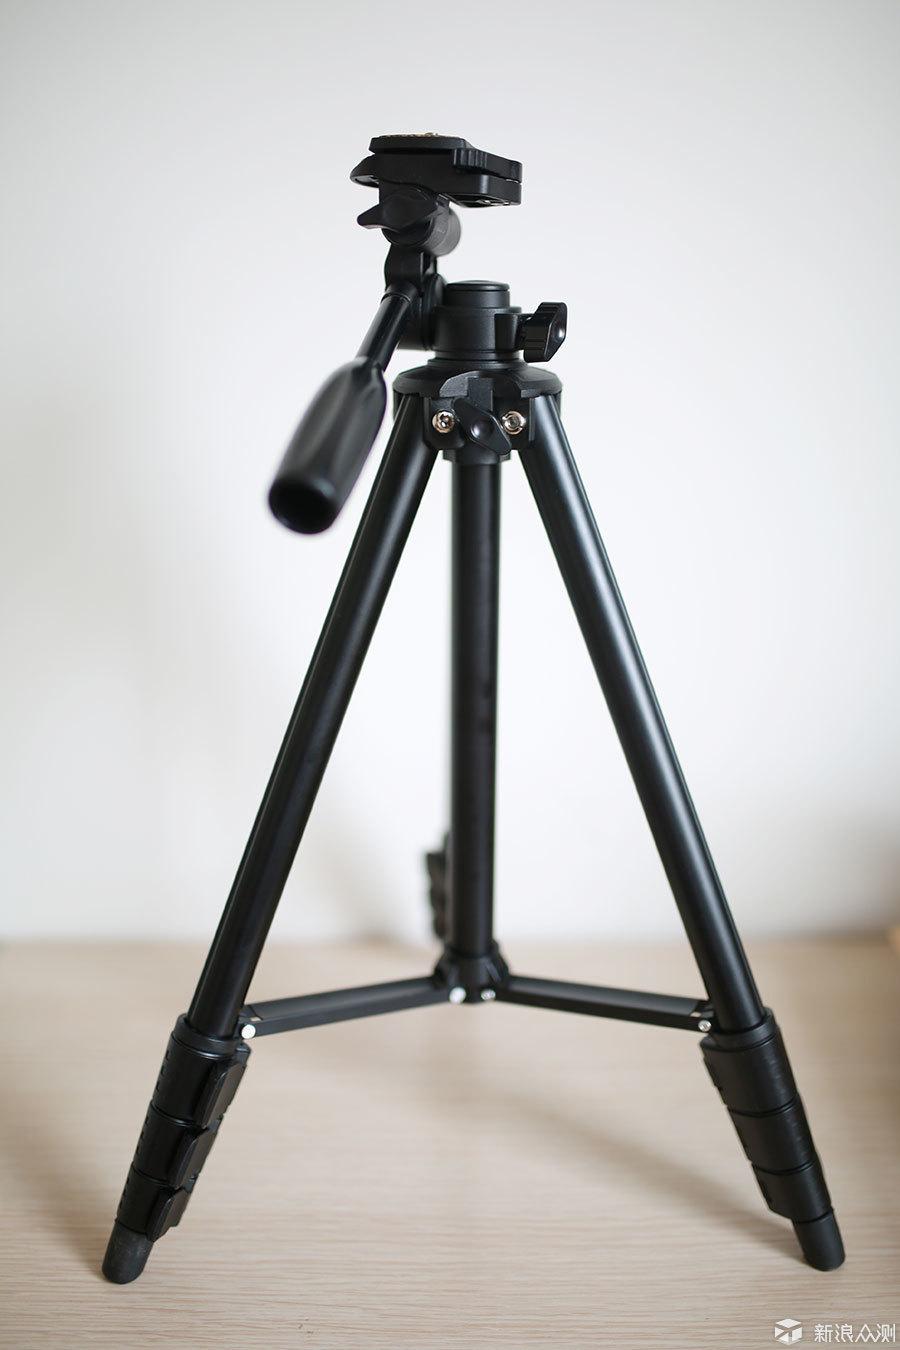 入门摄影:便携三脚架使用详细评测_新浪众测